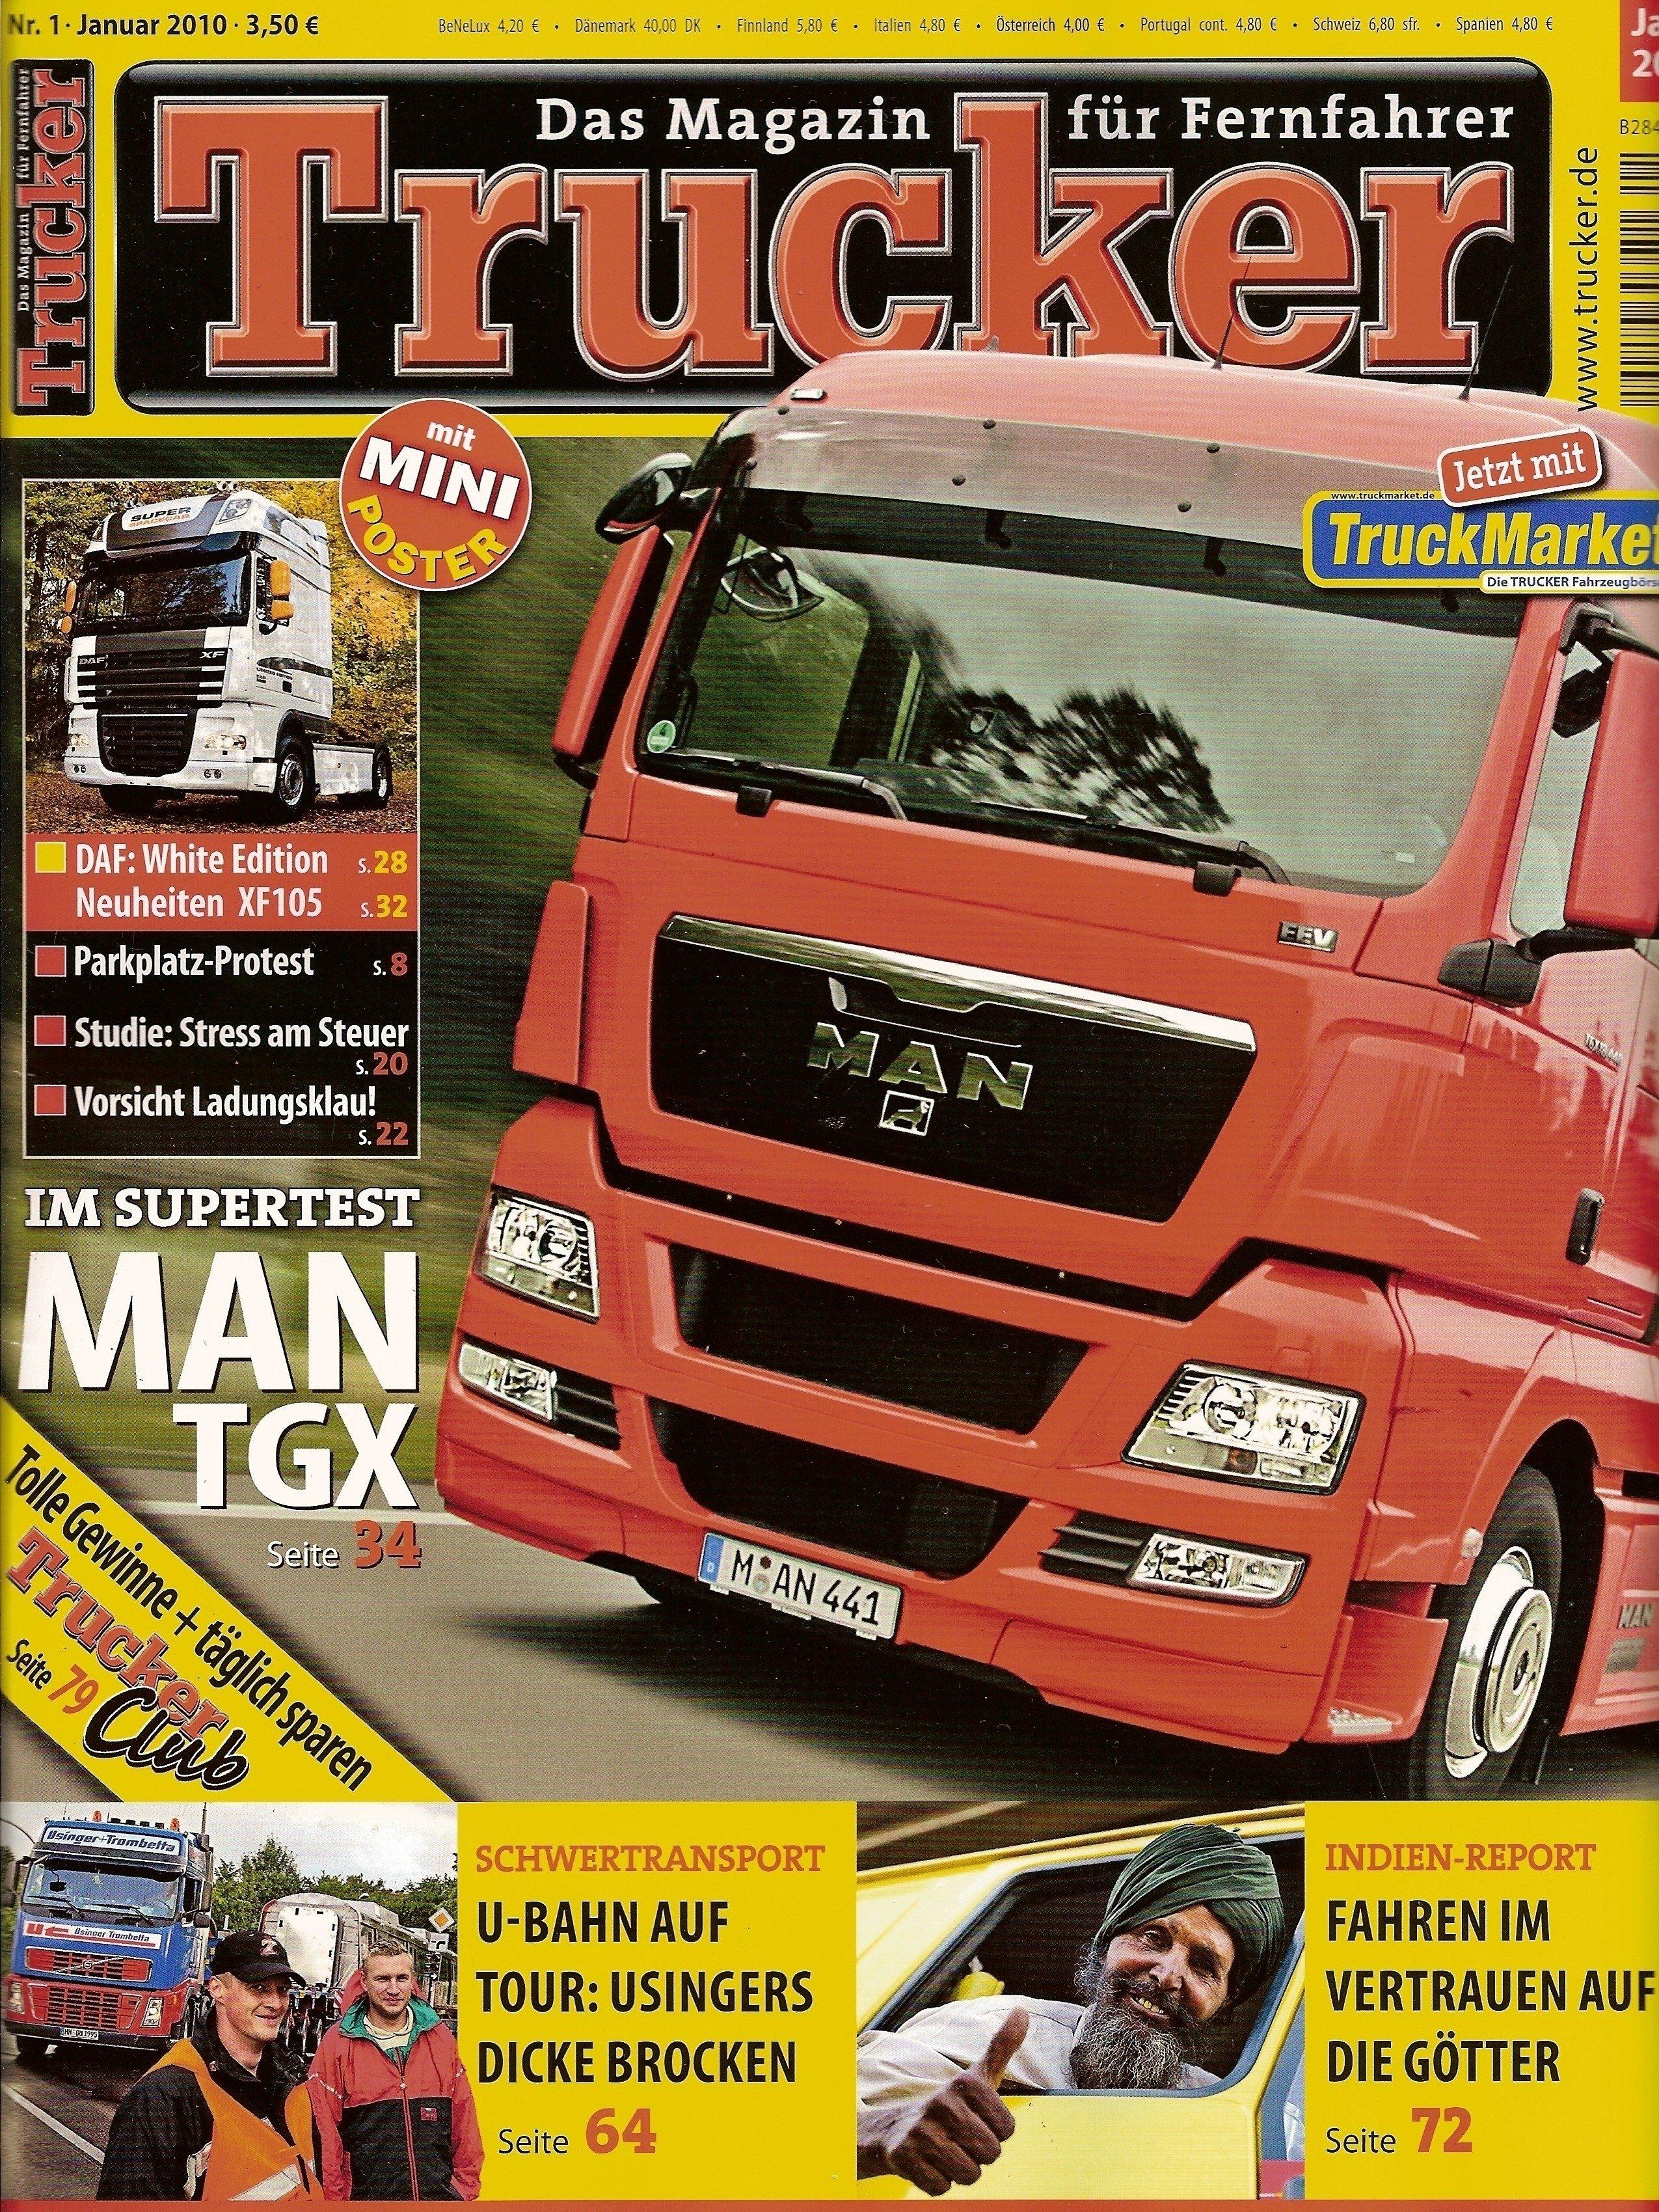 Trucker Zeitschrift mit Artikel über Verena Künne